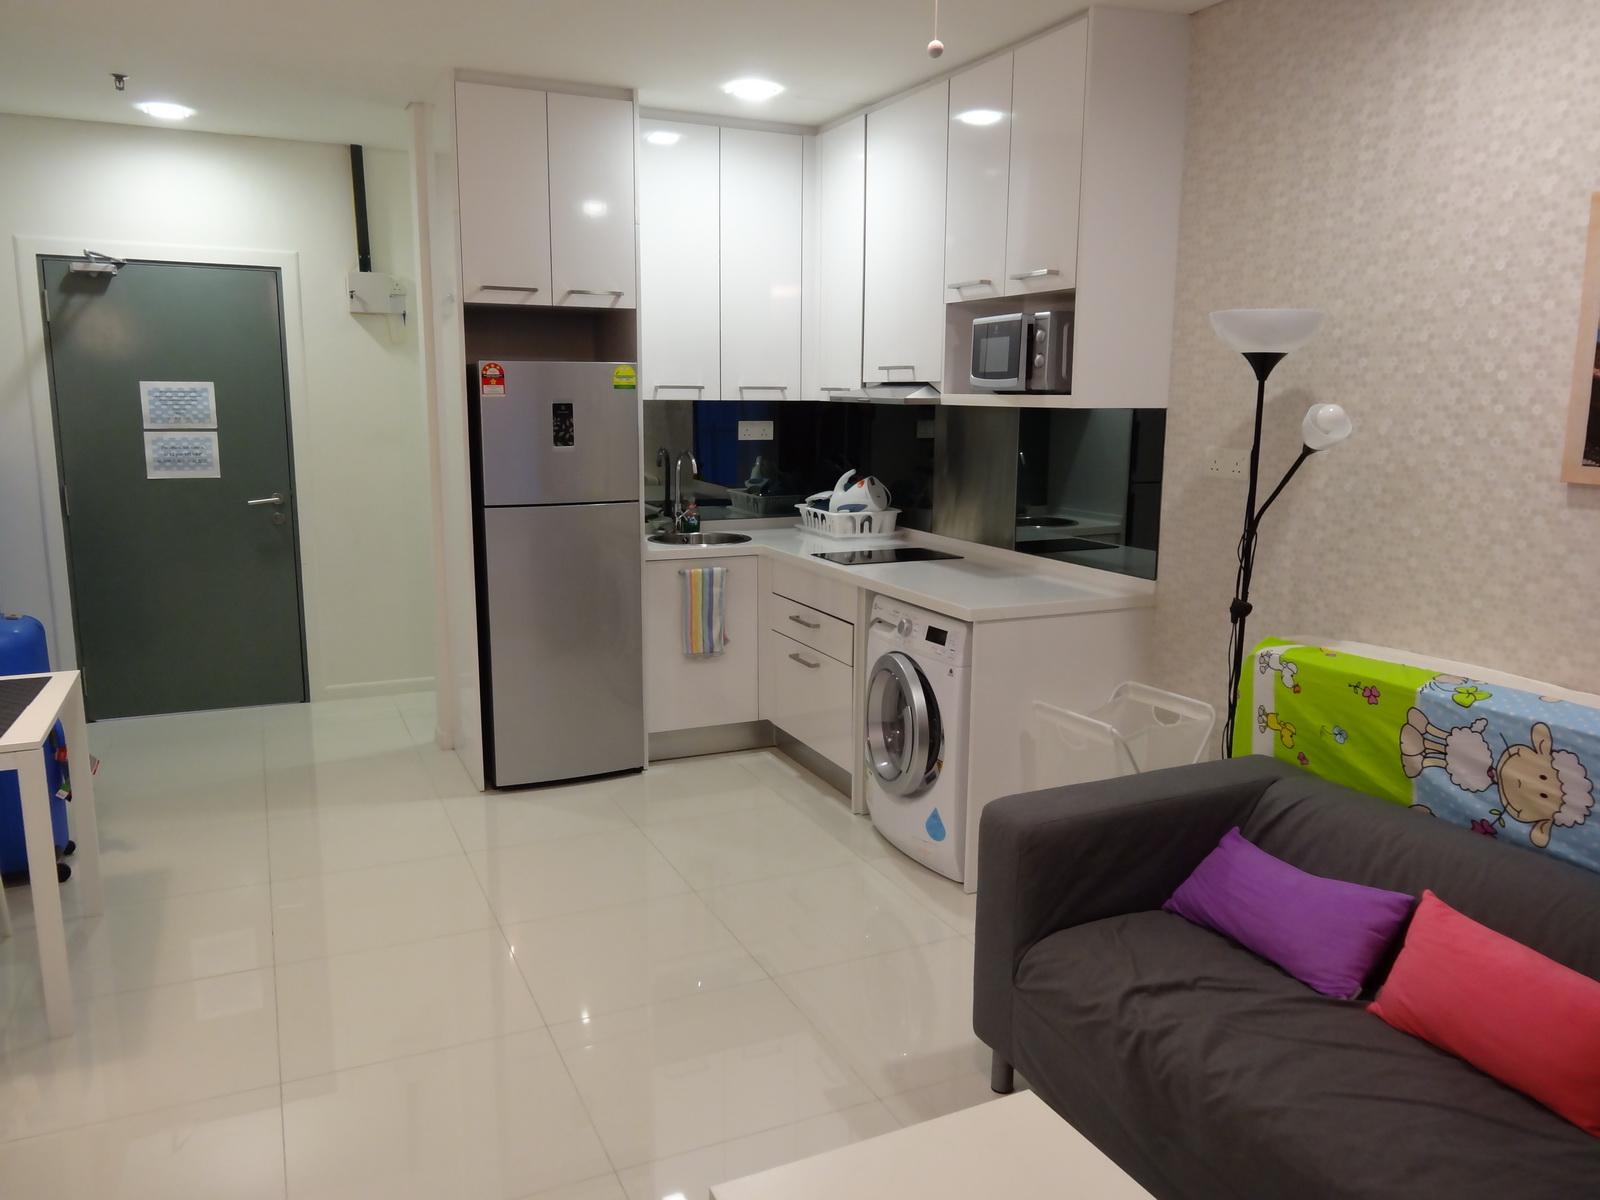 03 KL Apartment 02